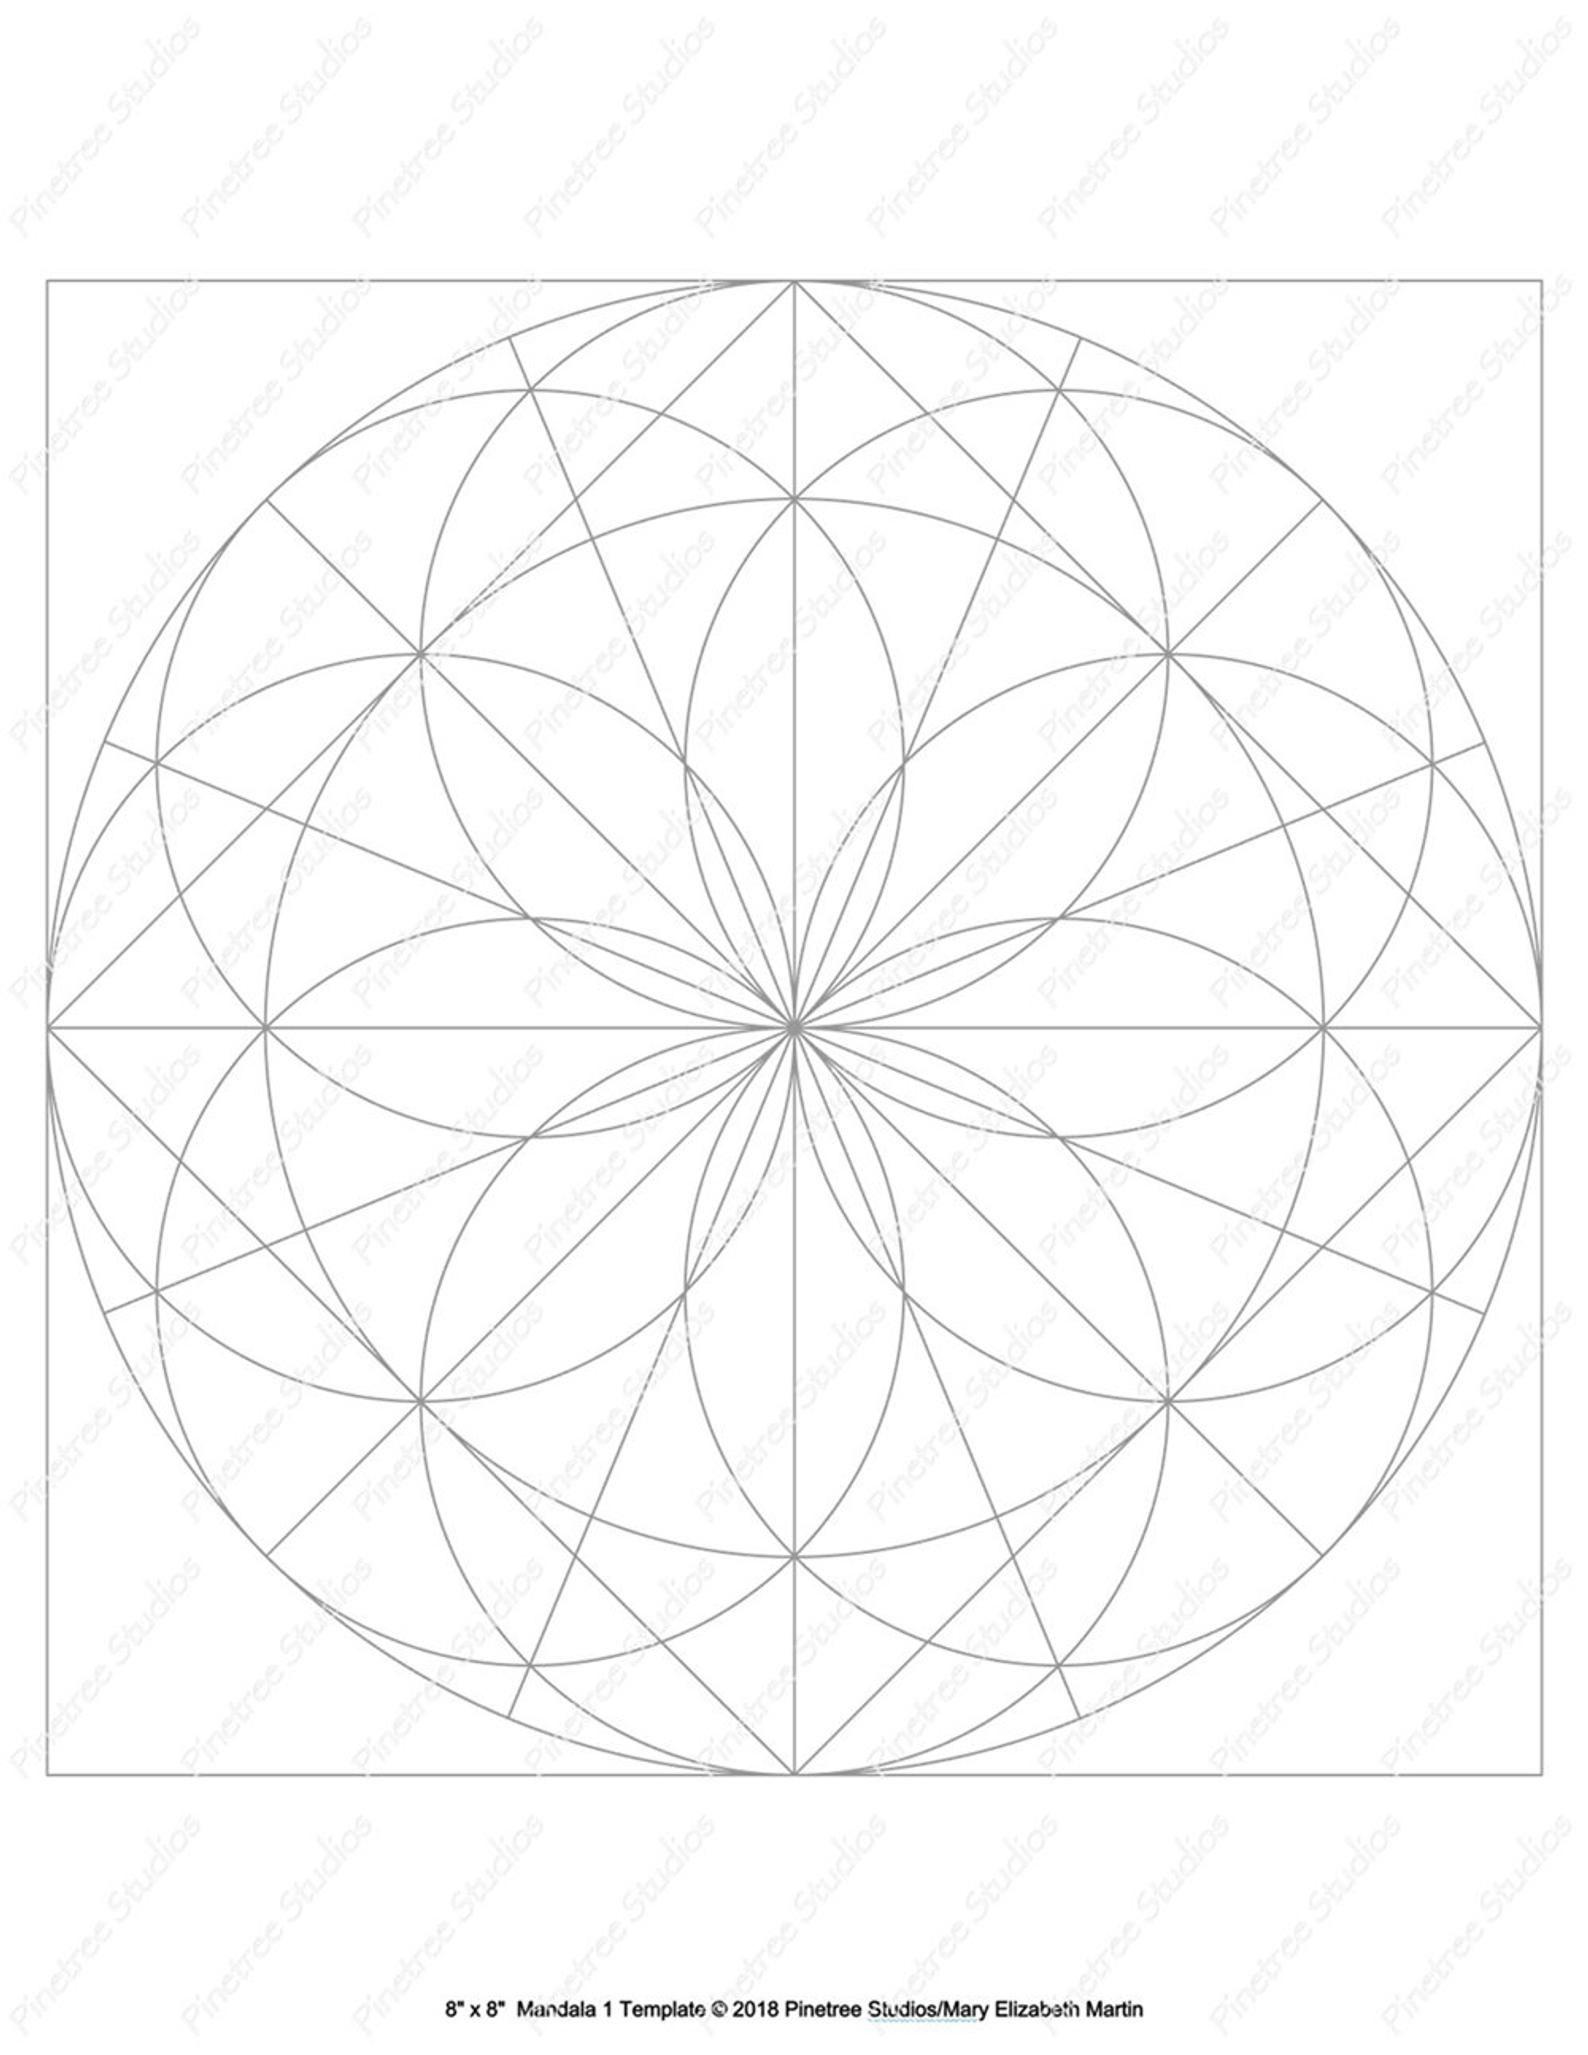 Mandala 1 Template Digital Download Printable Ipad Pro